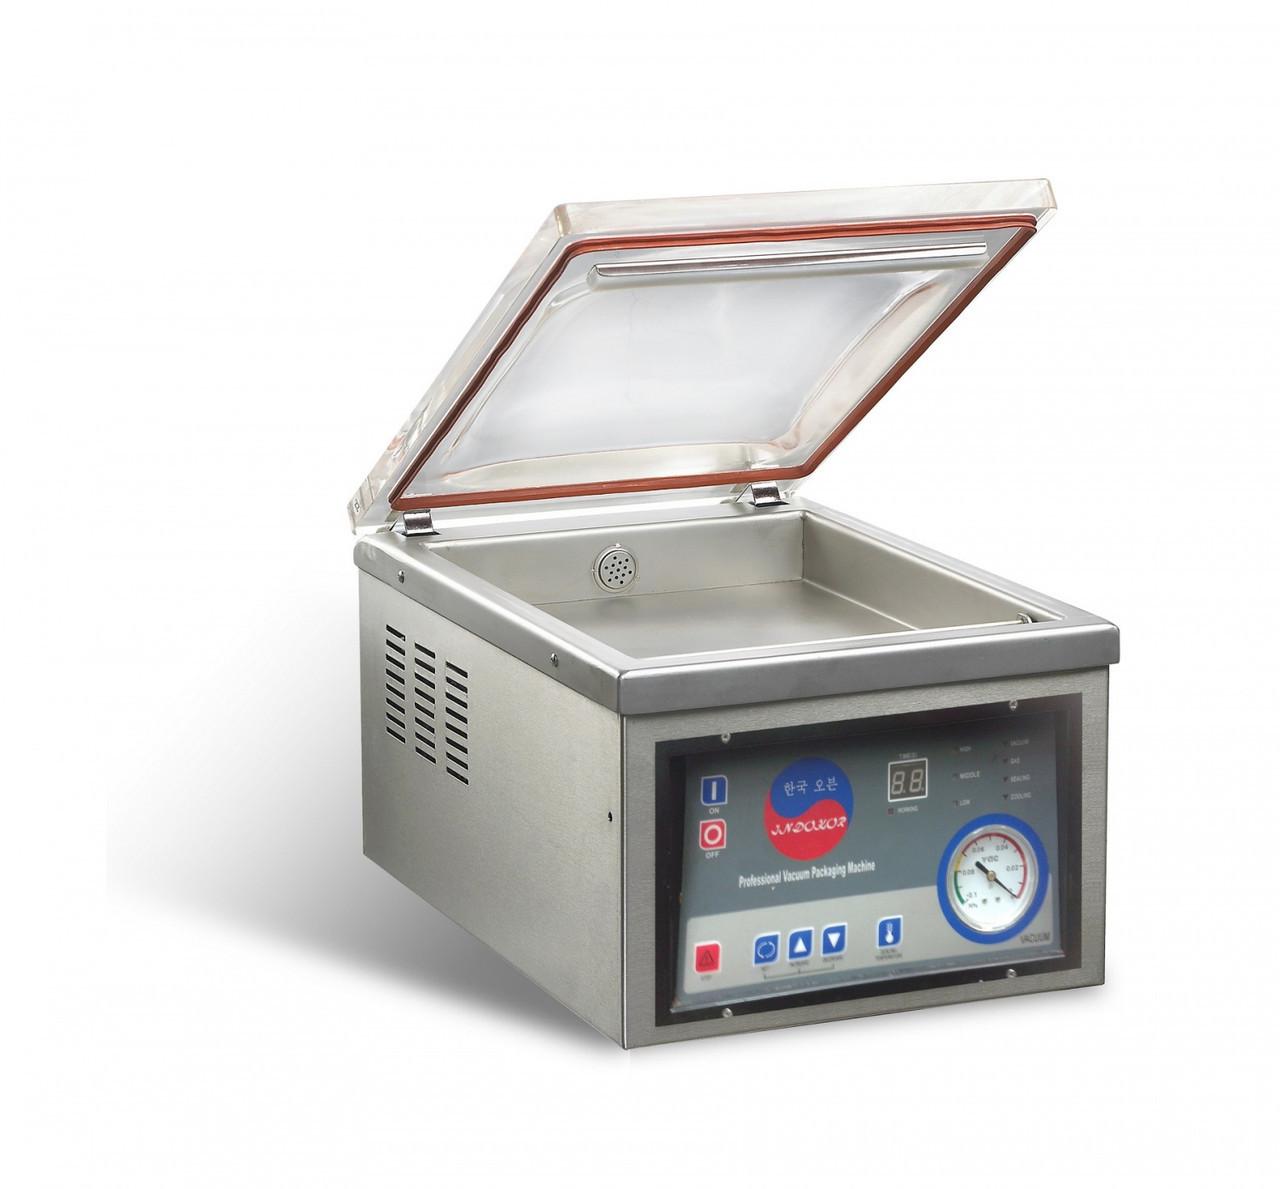 Вакуумный упаковщик 260 отзывы массажер ультразвуковой инструкция